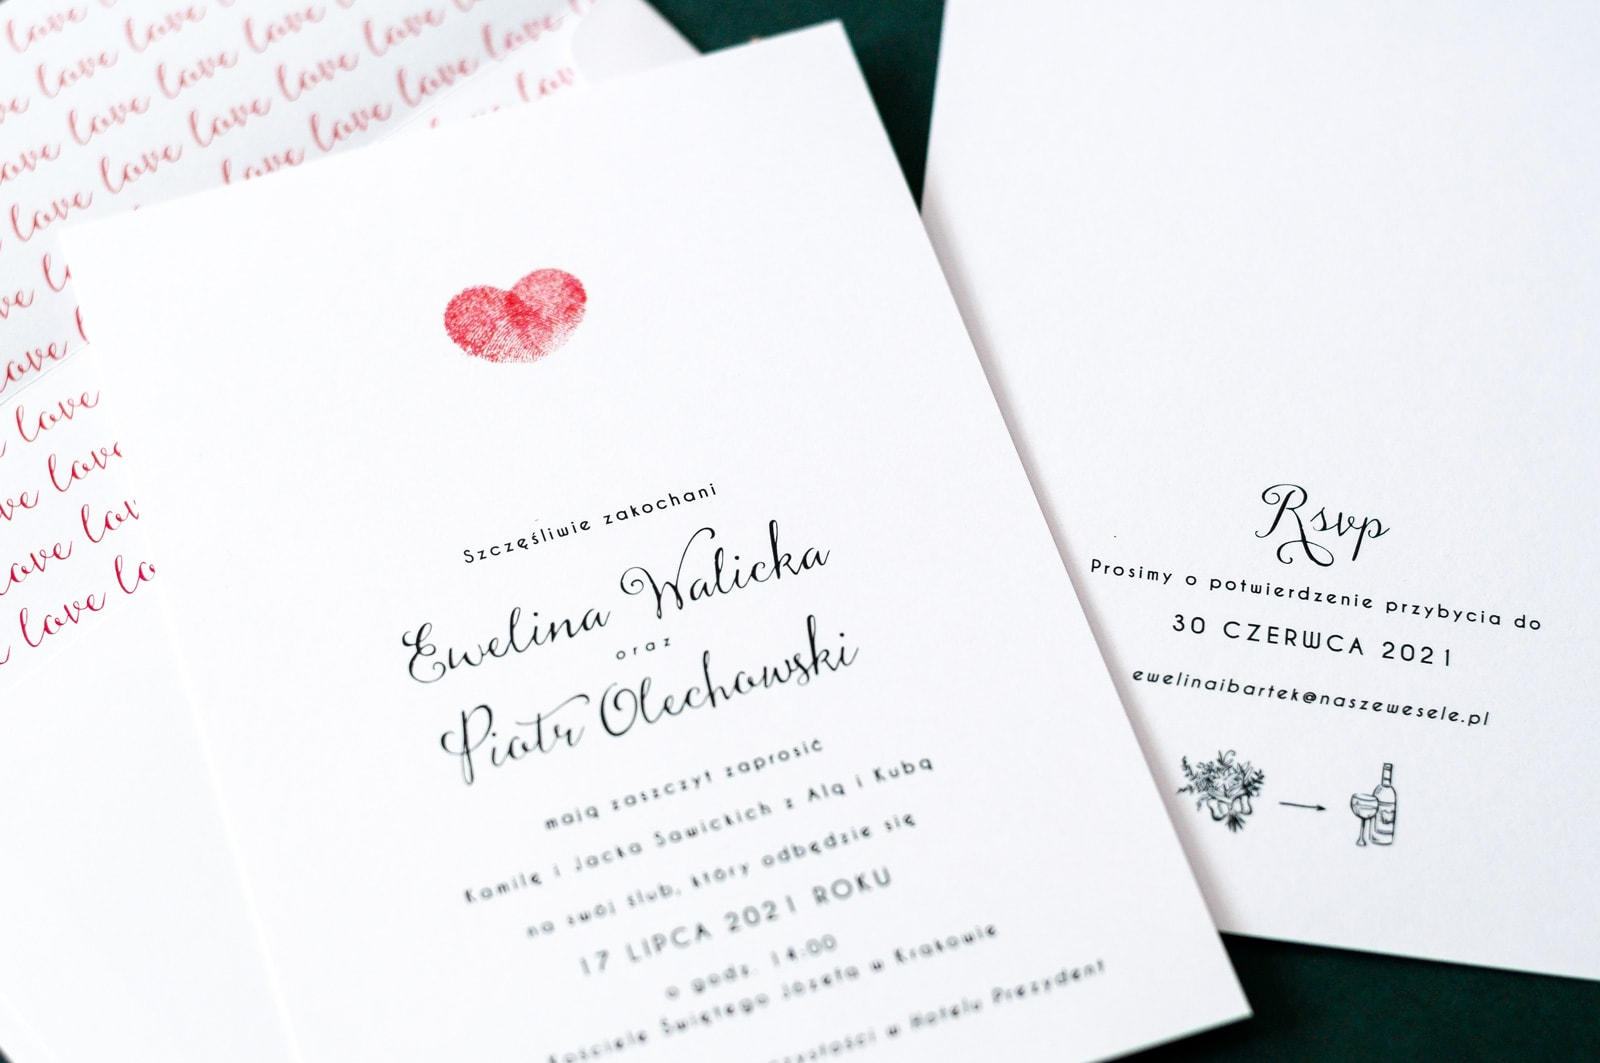 Romantyczne zaproszenia z czerwonym sercem zrobionym z odcisków palców